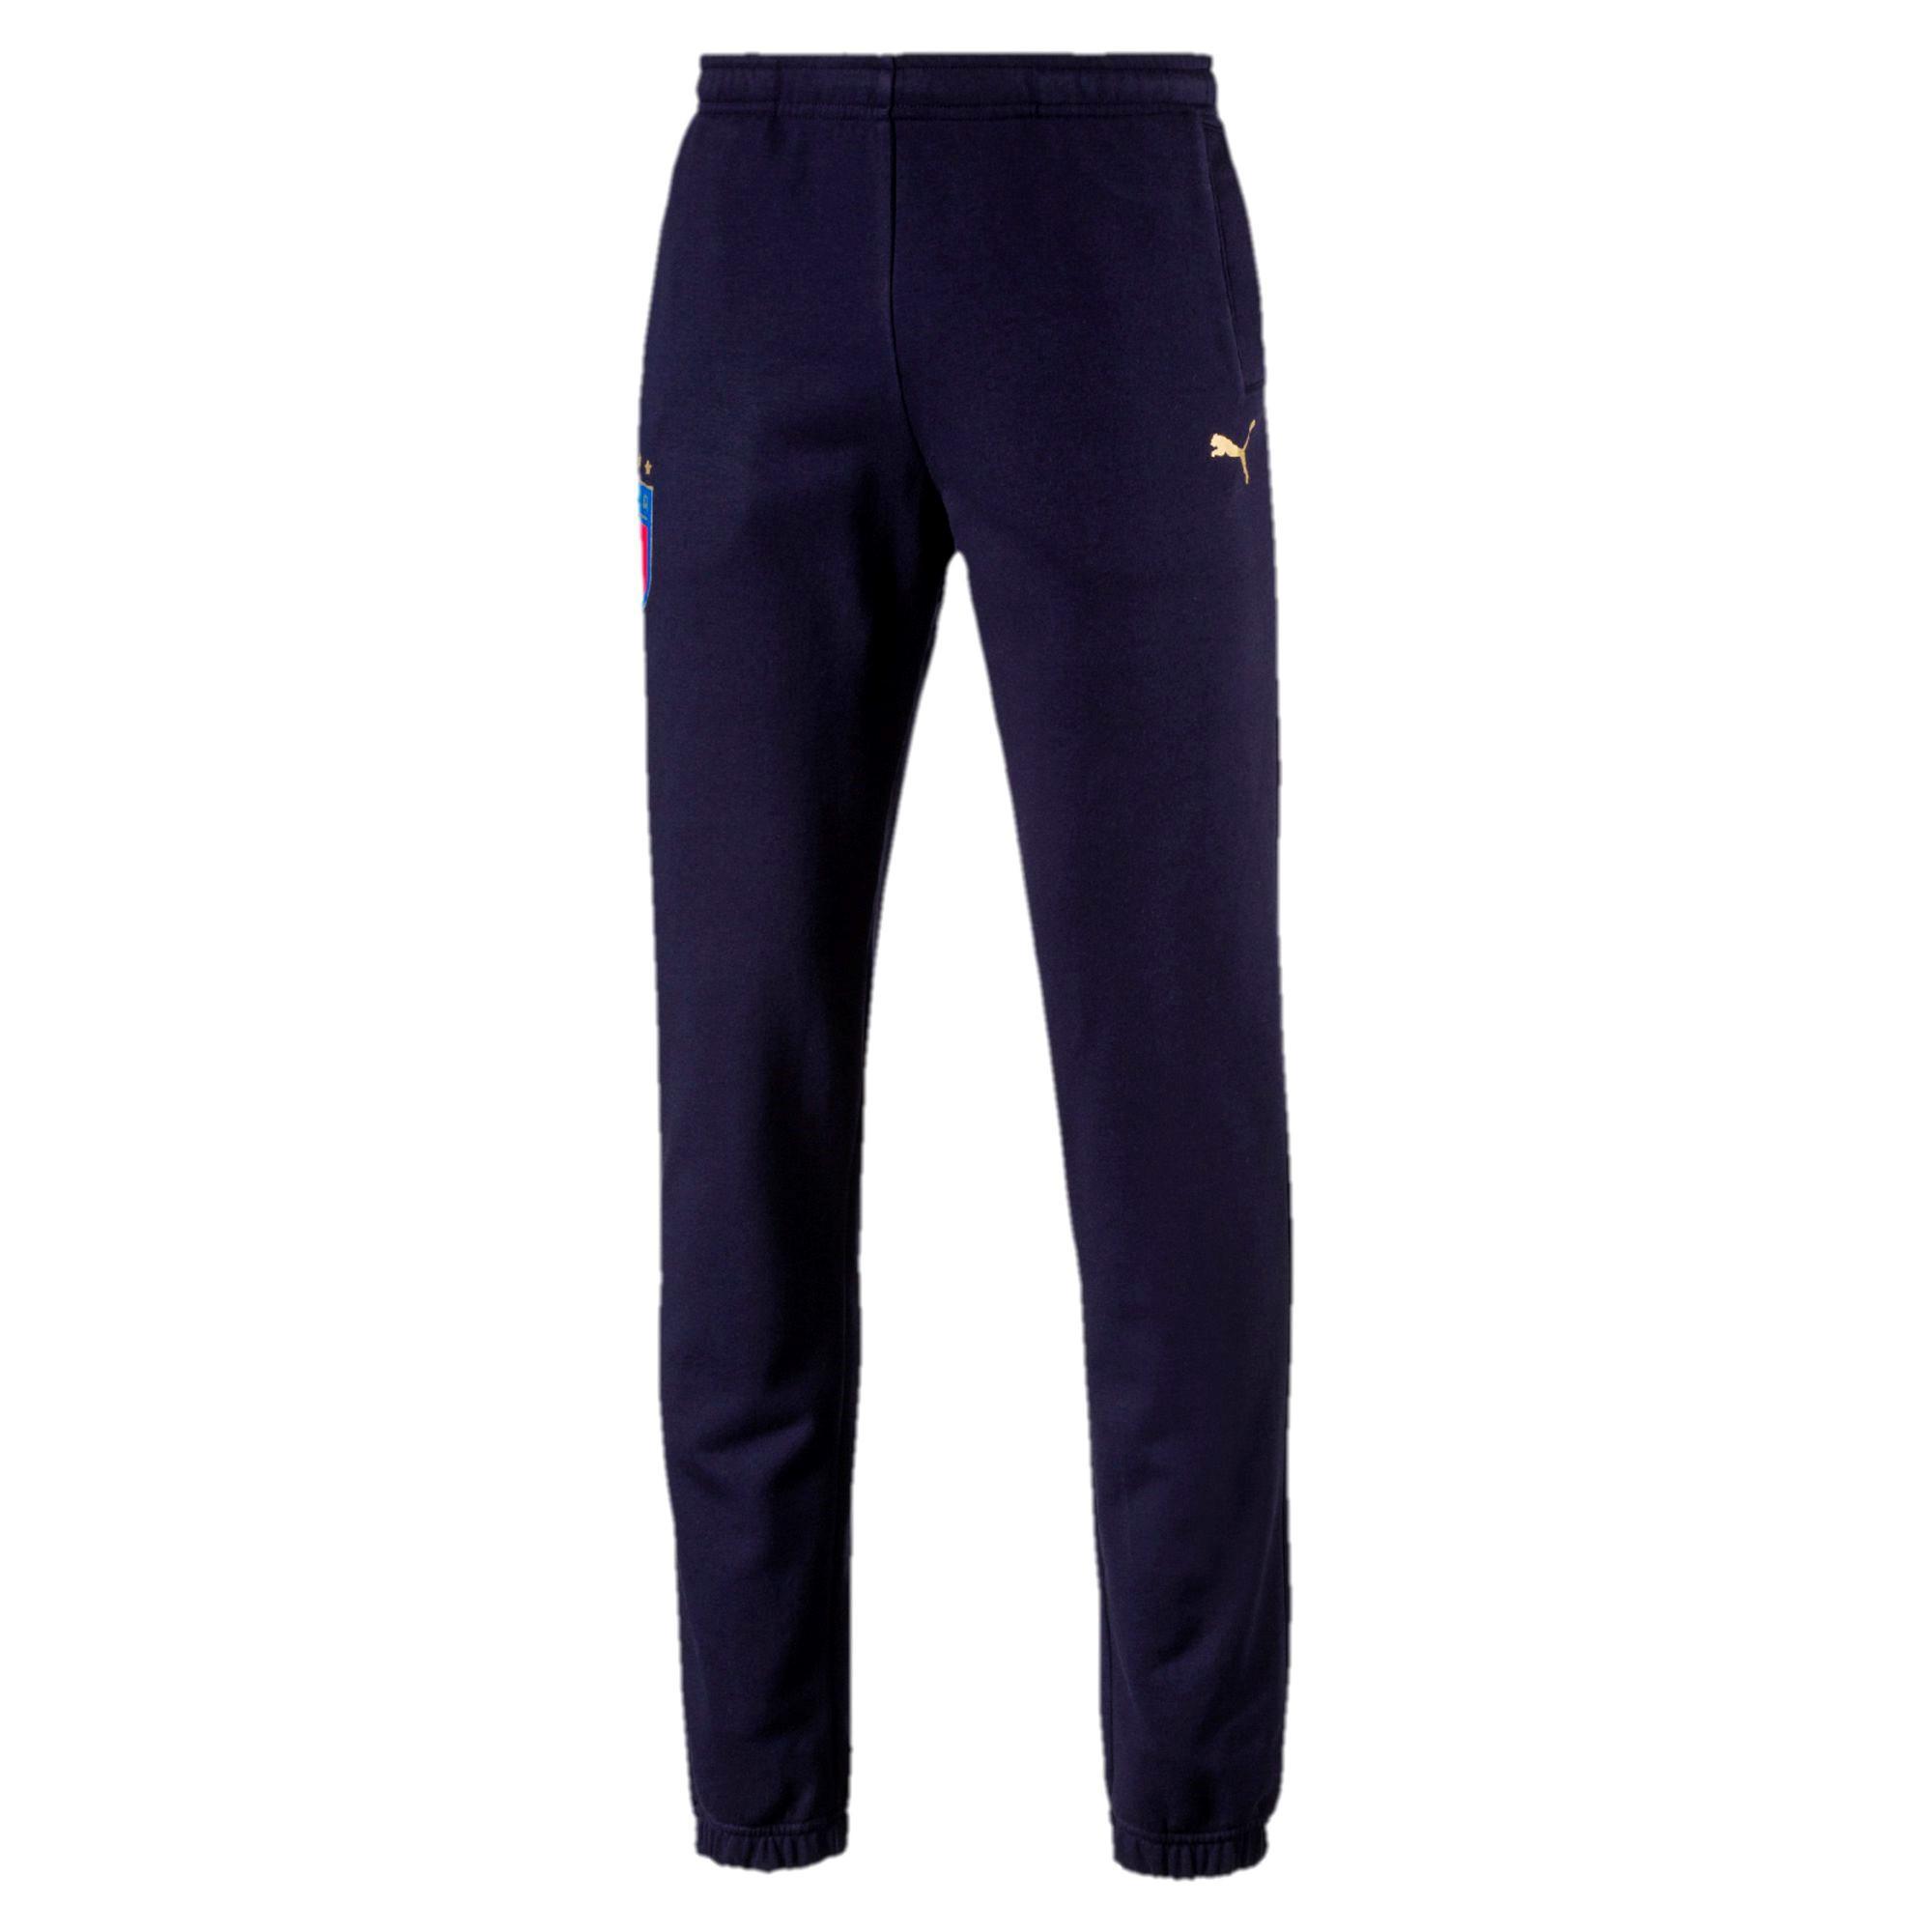 Pantaloni Figc